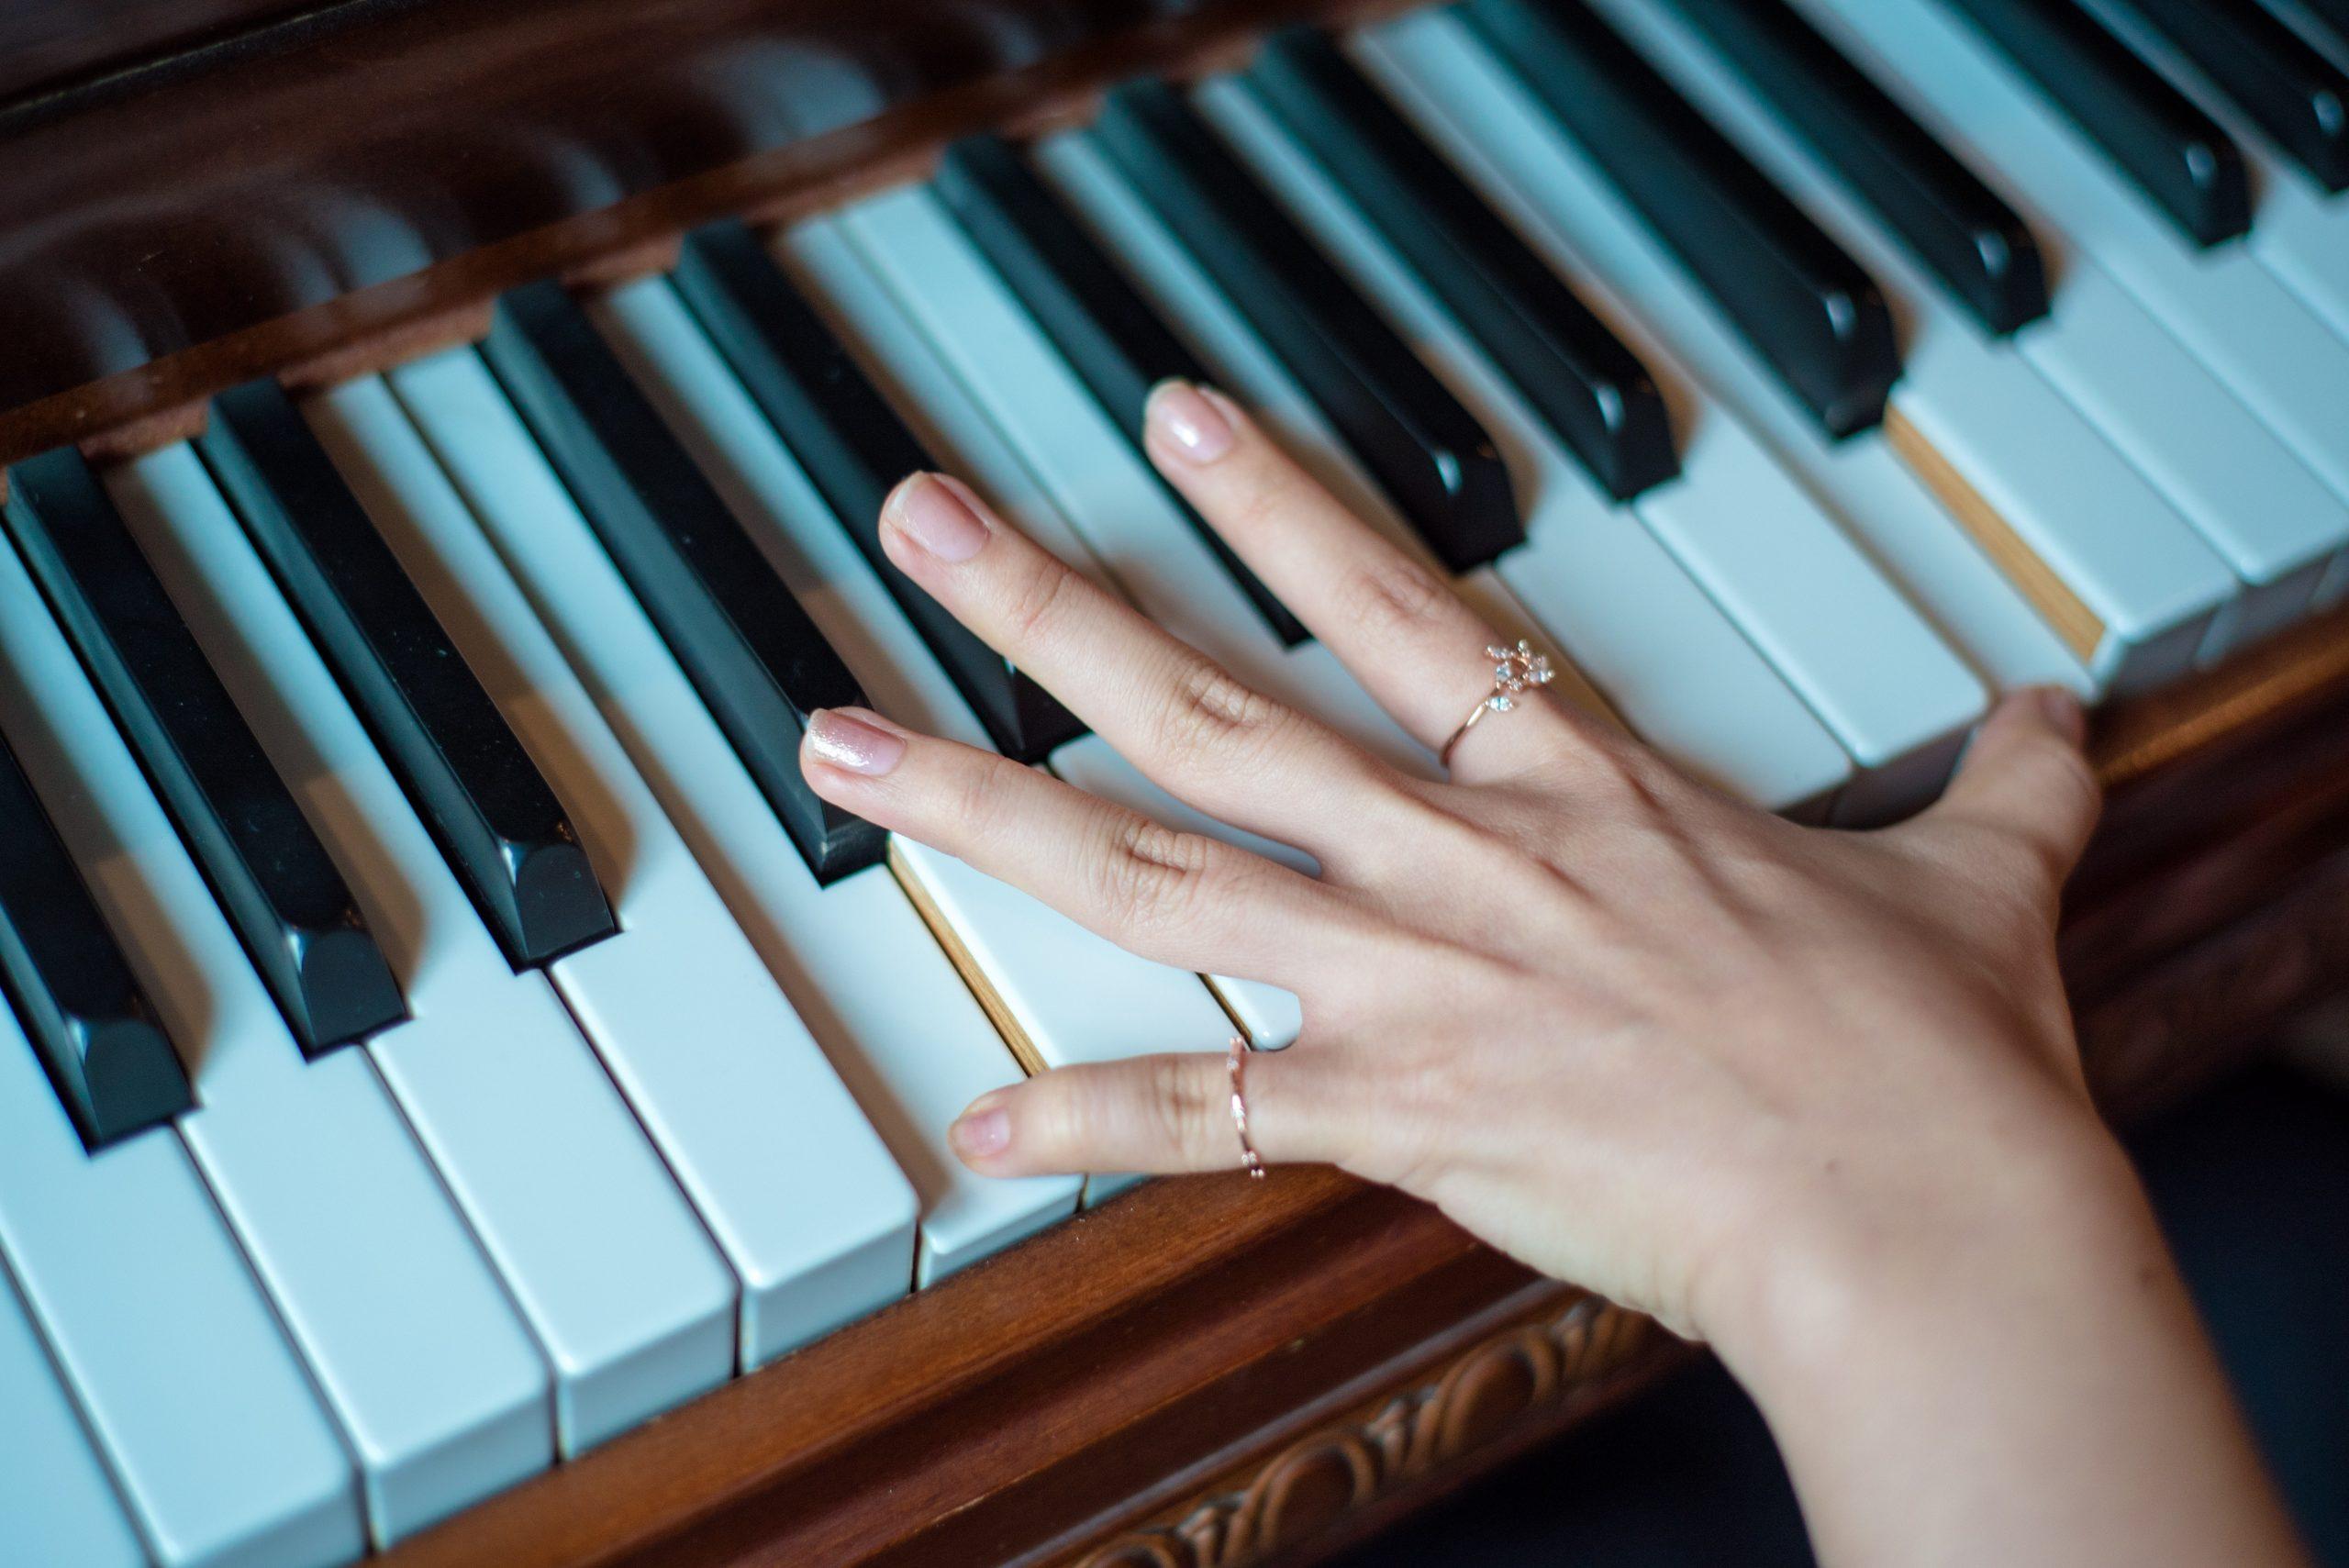 À quel âge faut-il commencer à apprendre le piano ?